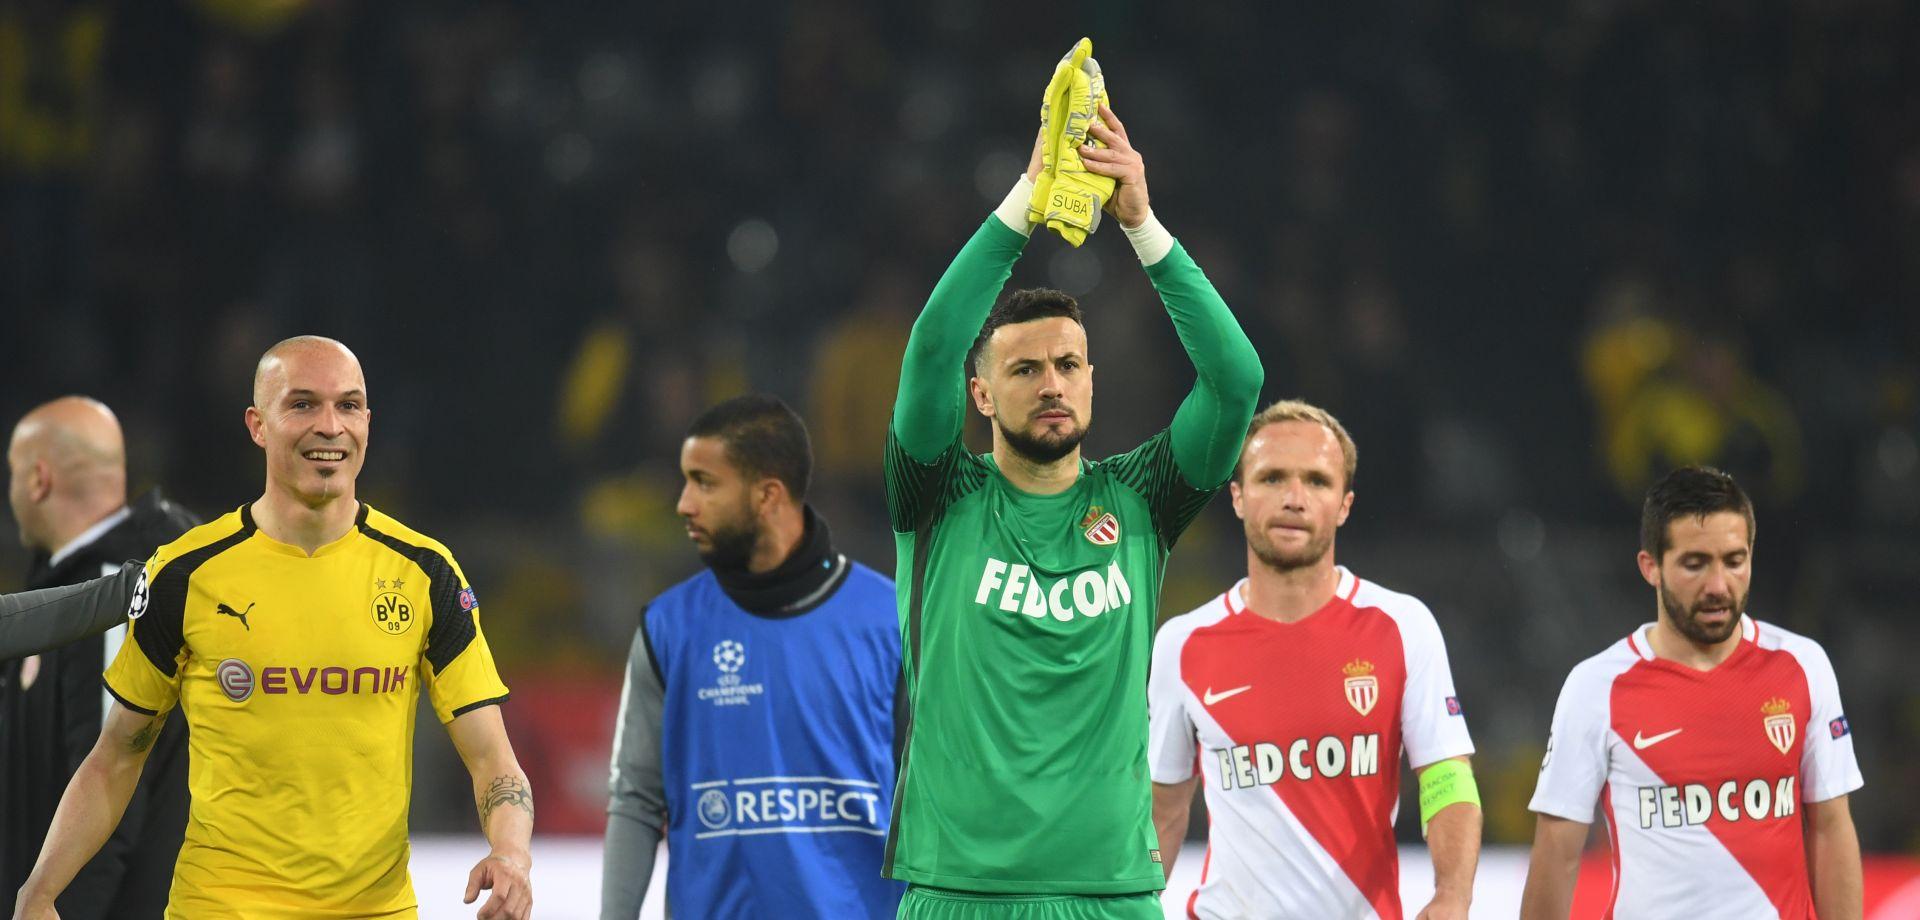 Monaco nakon katastrofe nadoknađuje troškove svojim navijačima